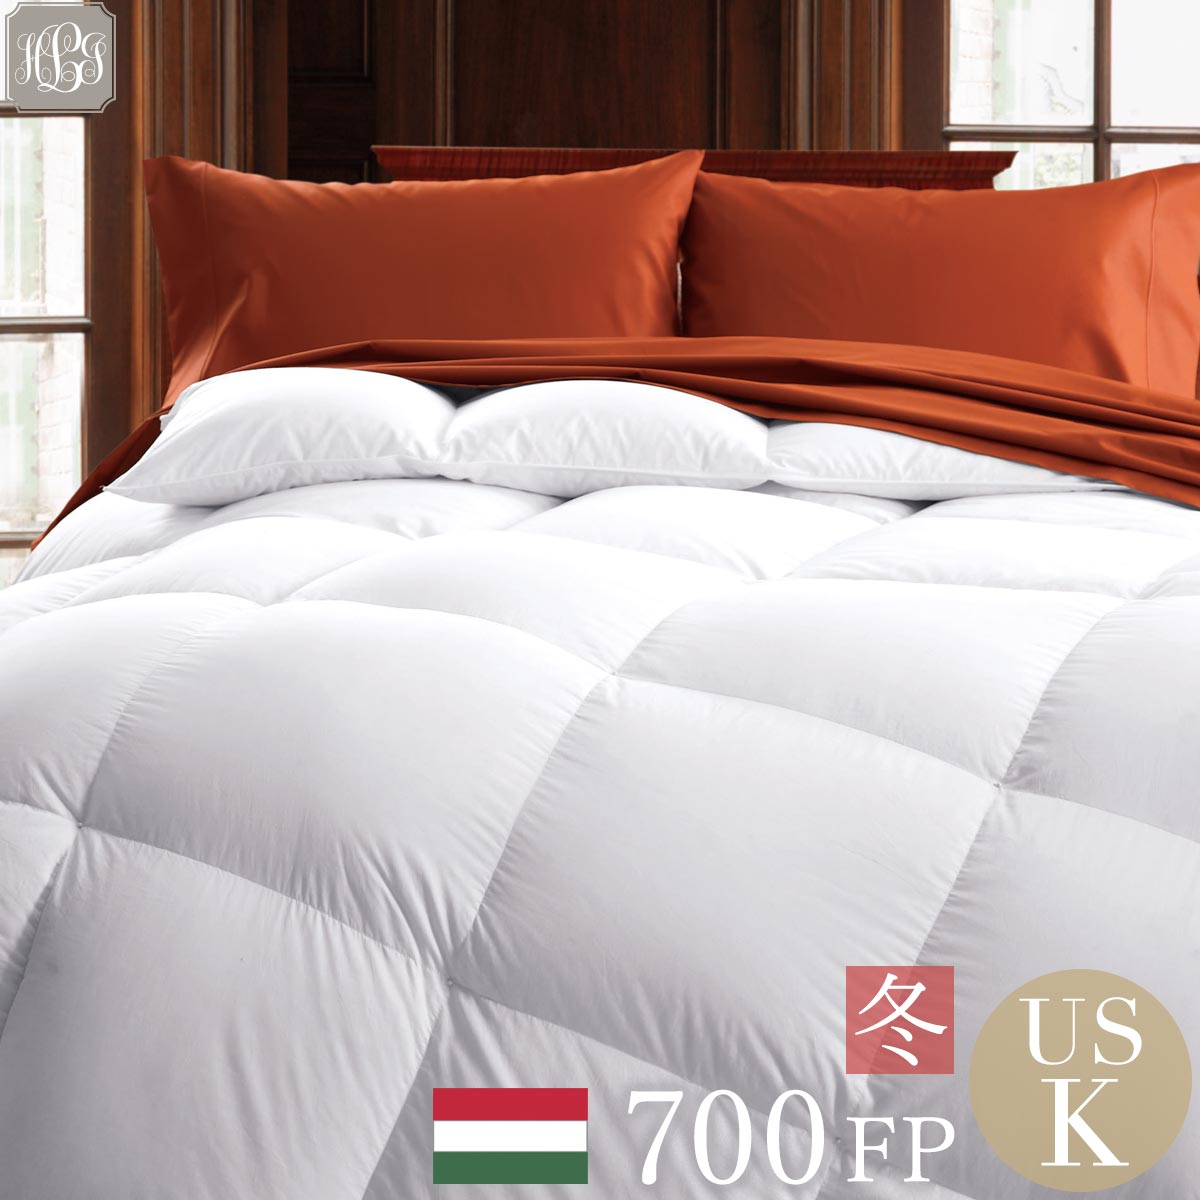 羽毛布団 USキング 270cm×235cm 冬用 700FPハンガリー産ホワイトグースダウン 高級ホテル 超長綿100 暖かい 軽い 送料無料